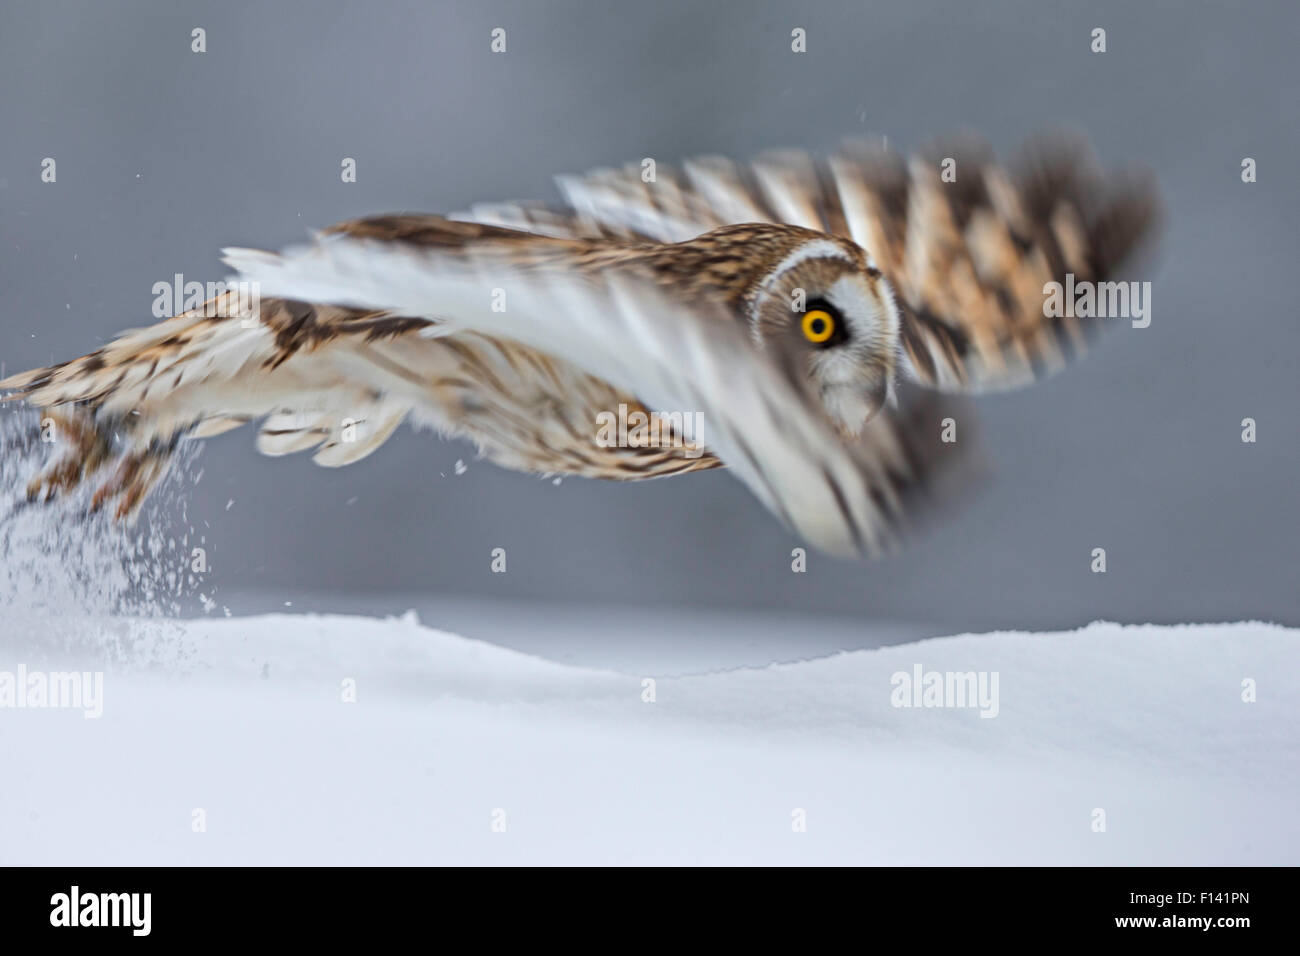 Búho de orejas cortas (Asio flammeus) despegando, movimiento borrosa fotografía, Reino Unido, enero. Cautiva Imagen De Stock